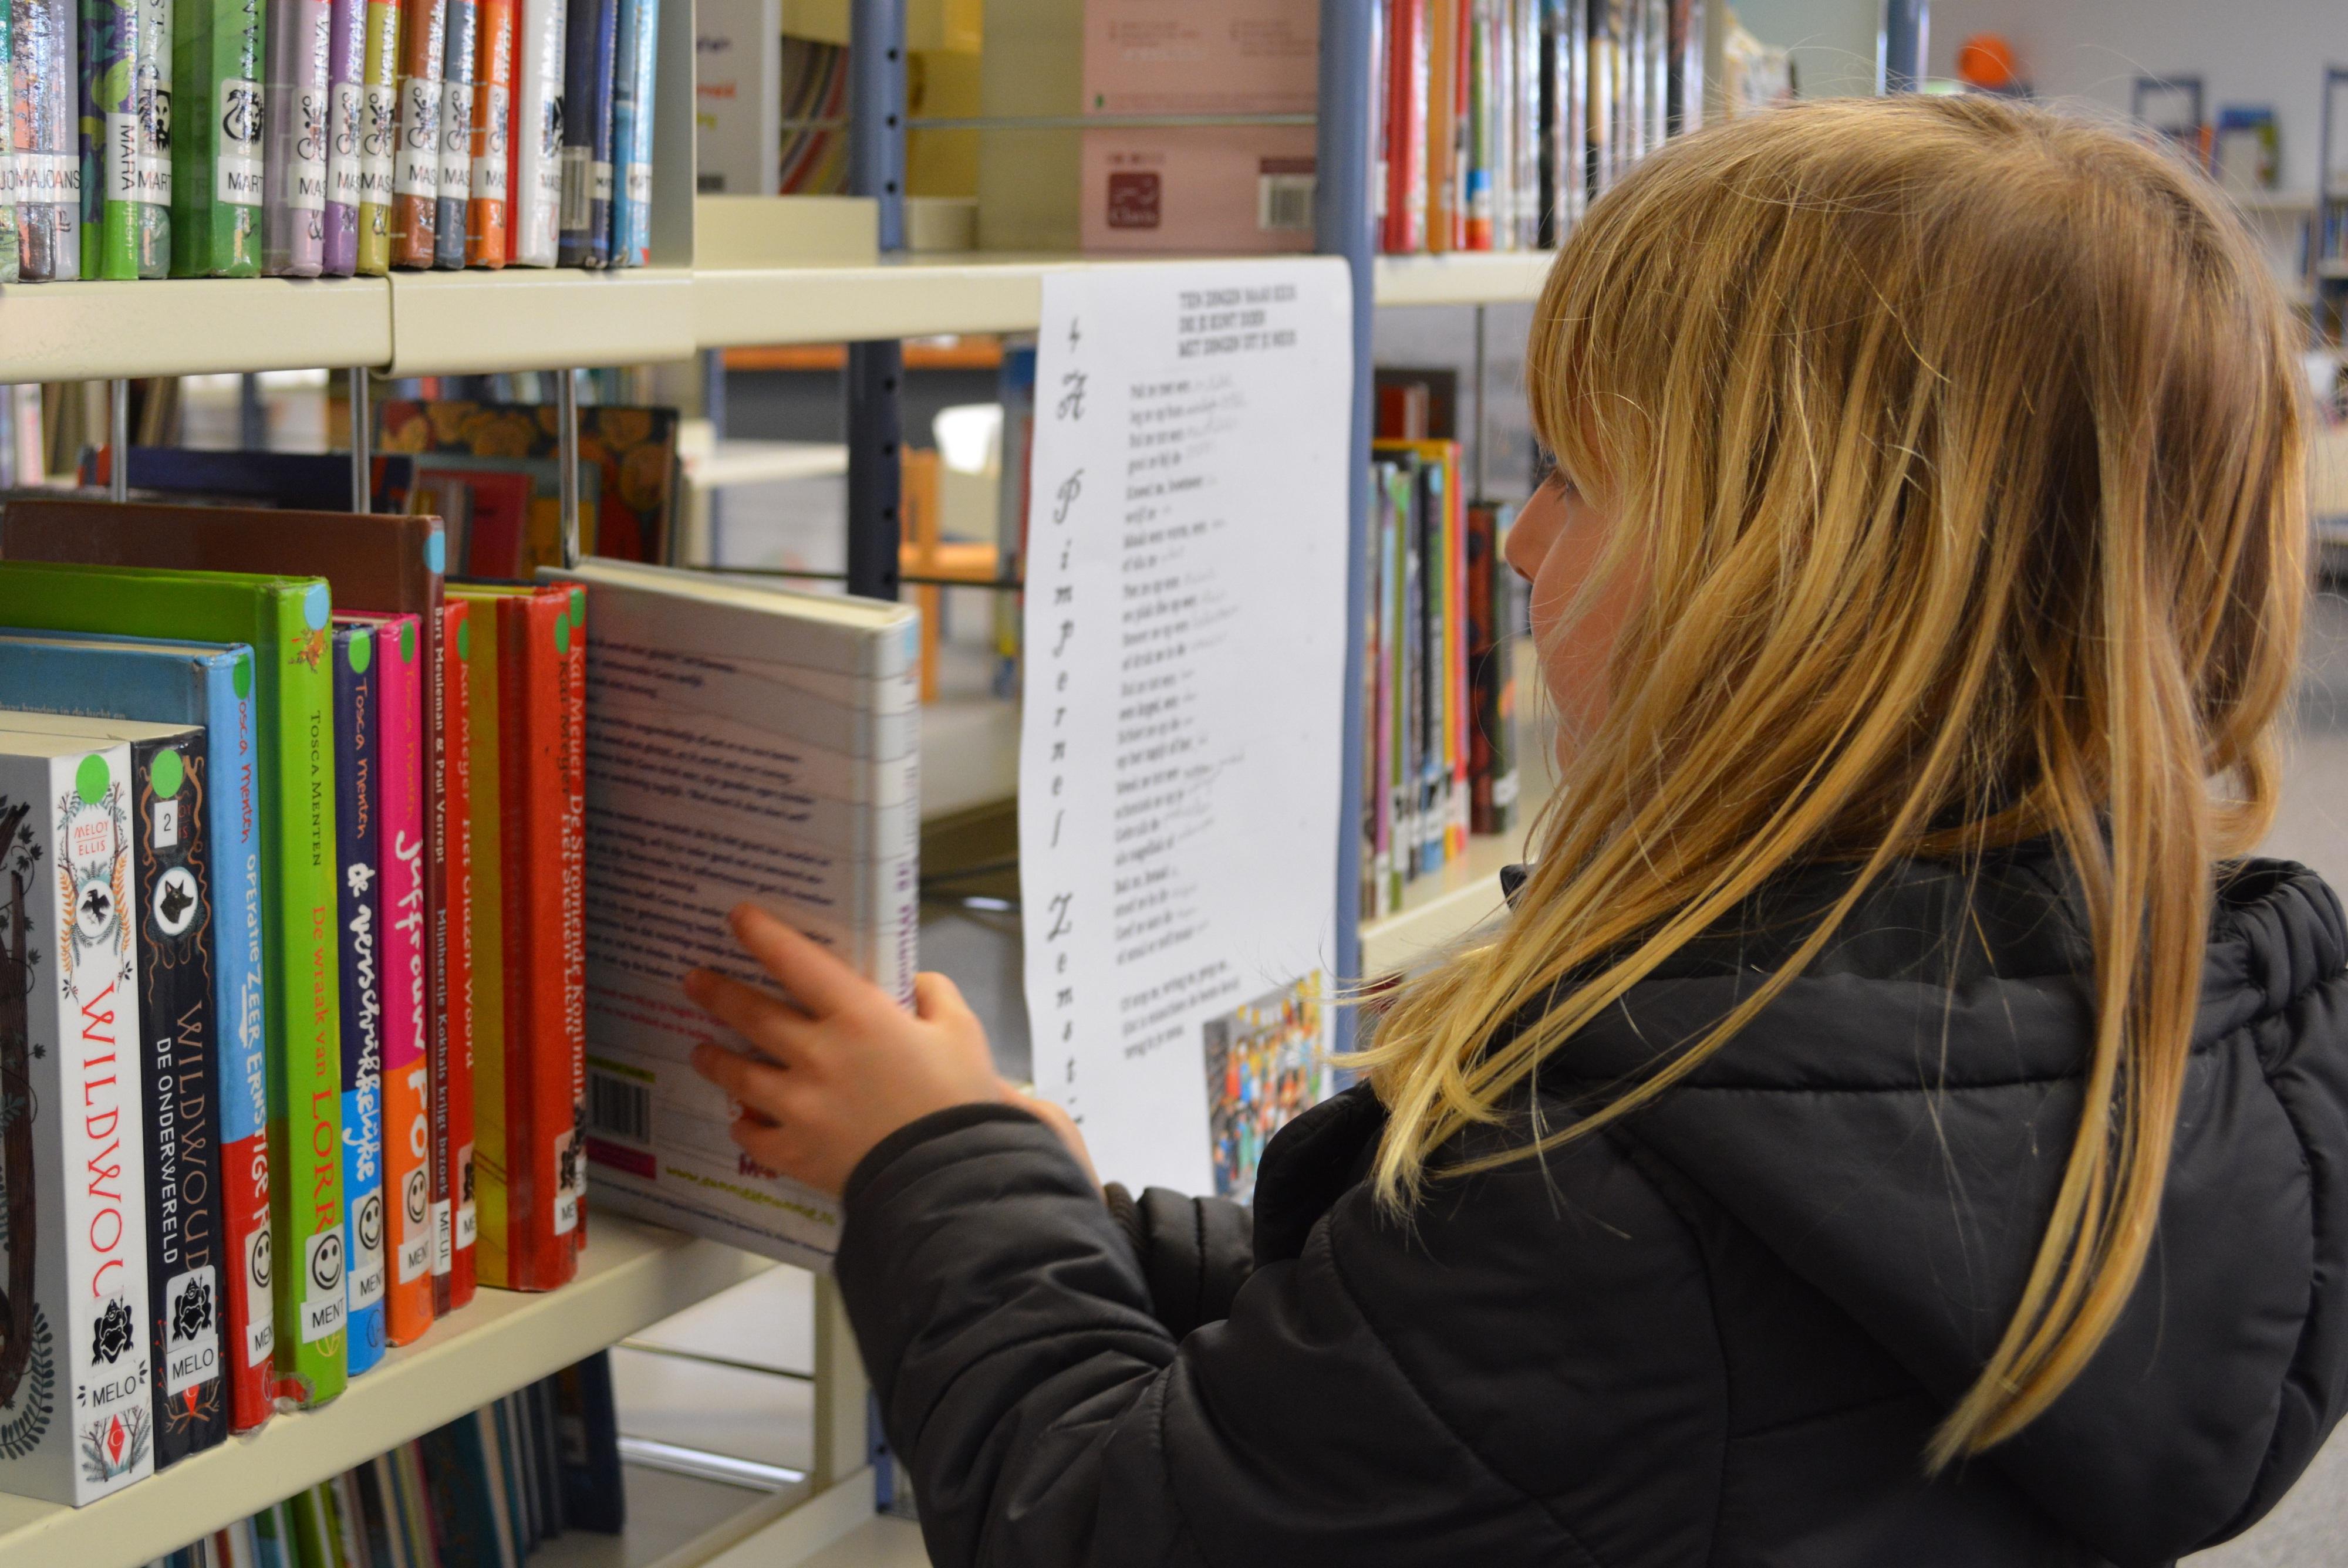 Livro com lengalengas e trava-línguas dá a conhecer às crianças tradição oral algarvia